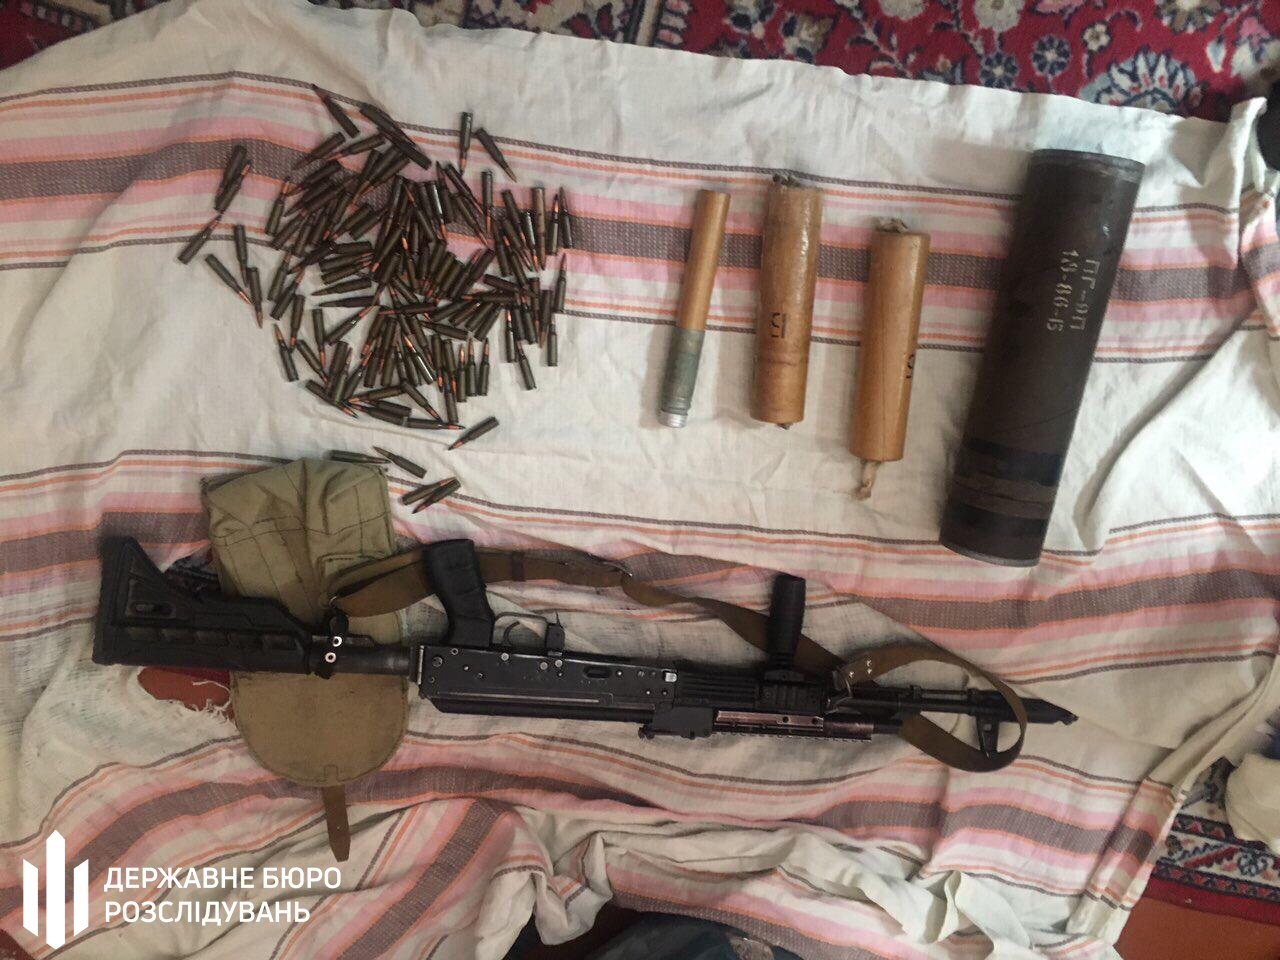 В Николаеве военный из части украл автоматы и боеприпасы